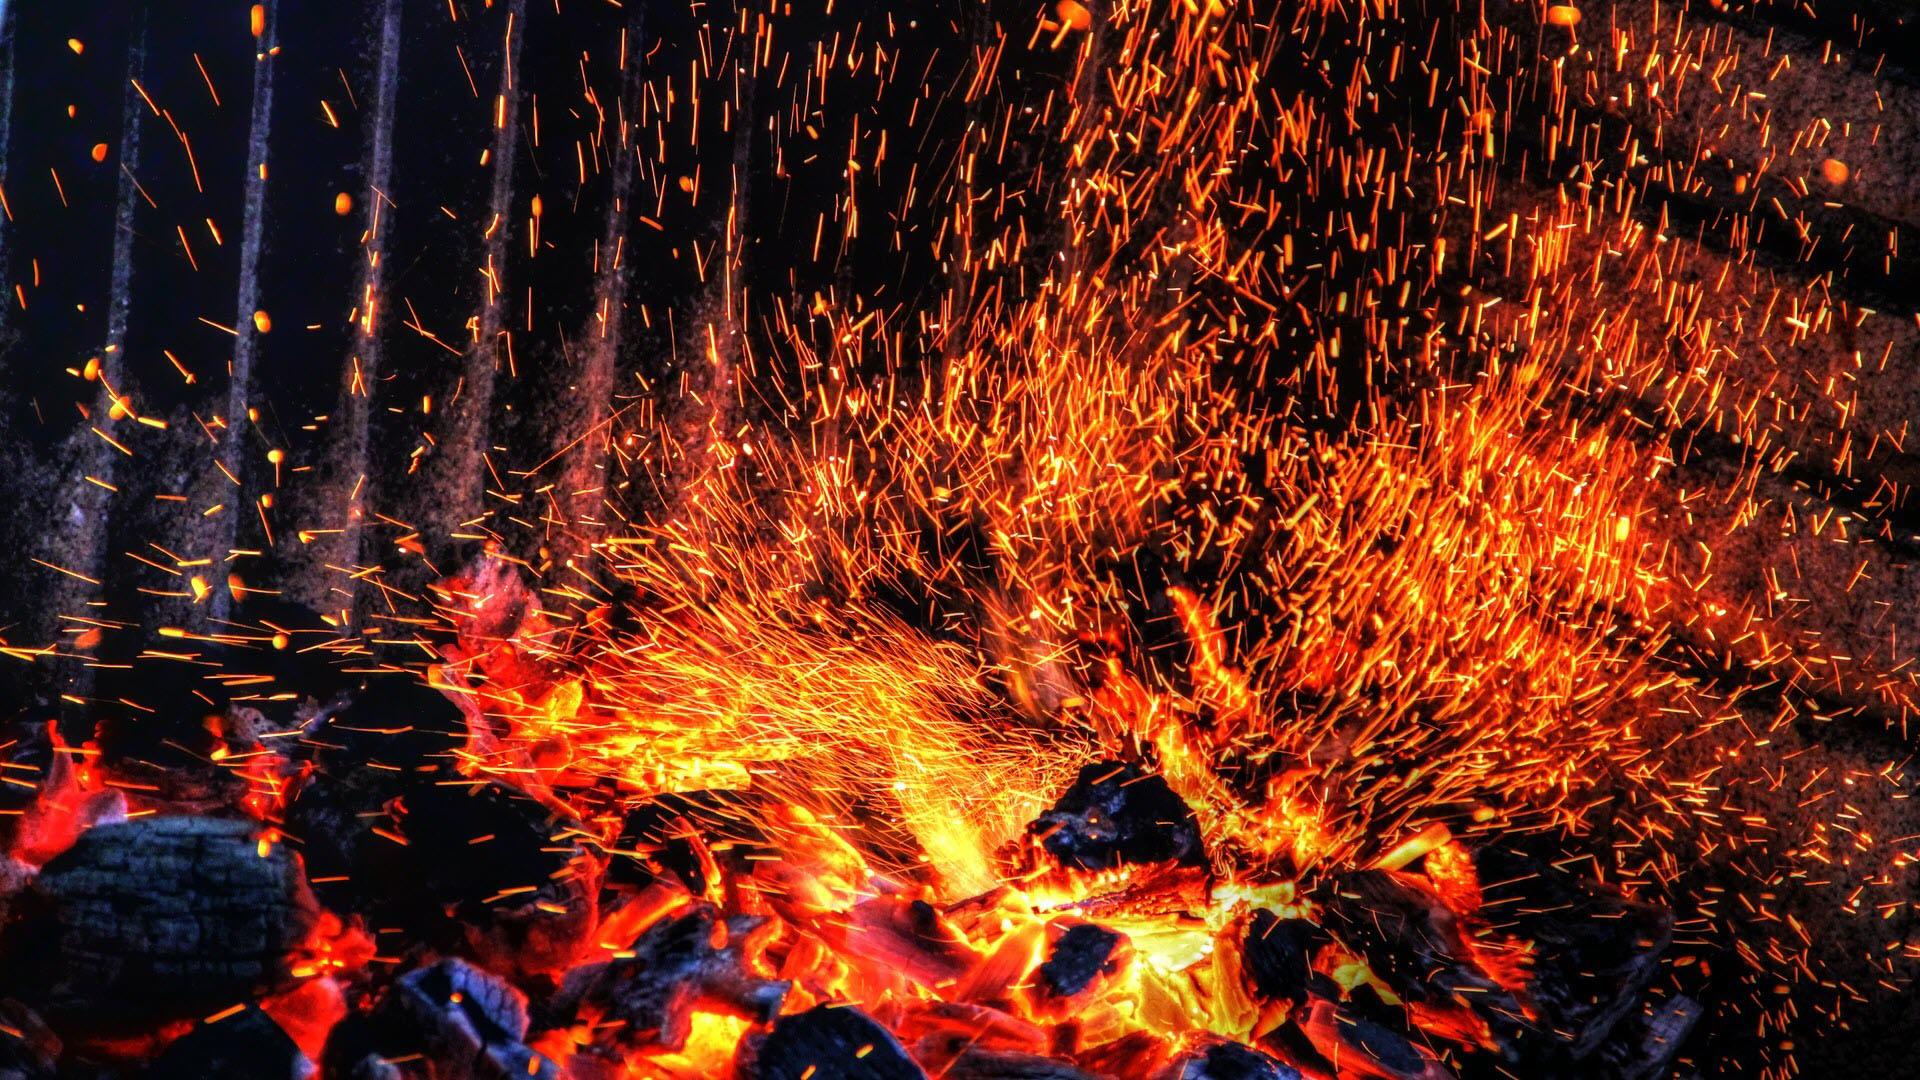 Hình ảnh ngọn lửa hoa lửa bắn cực đẹp